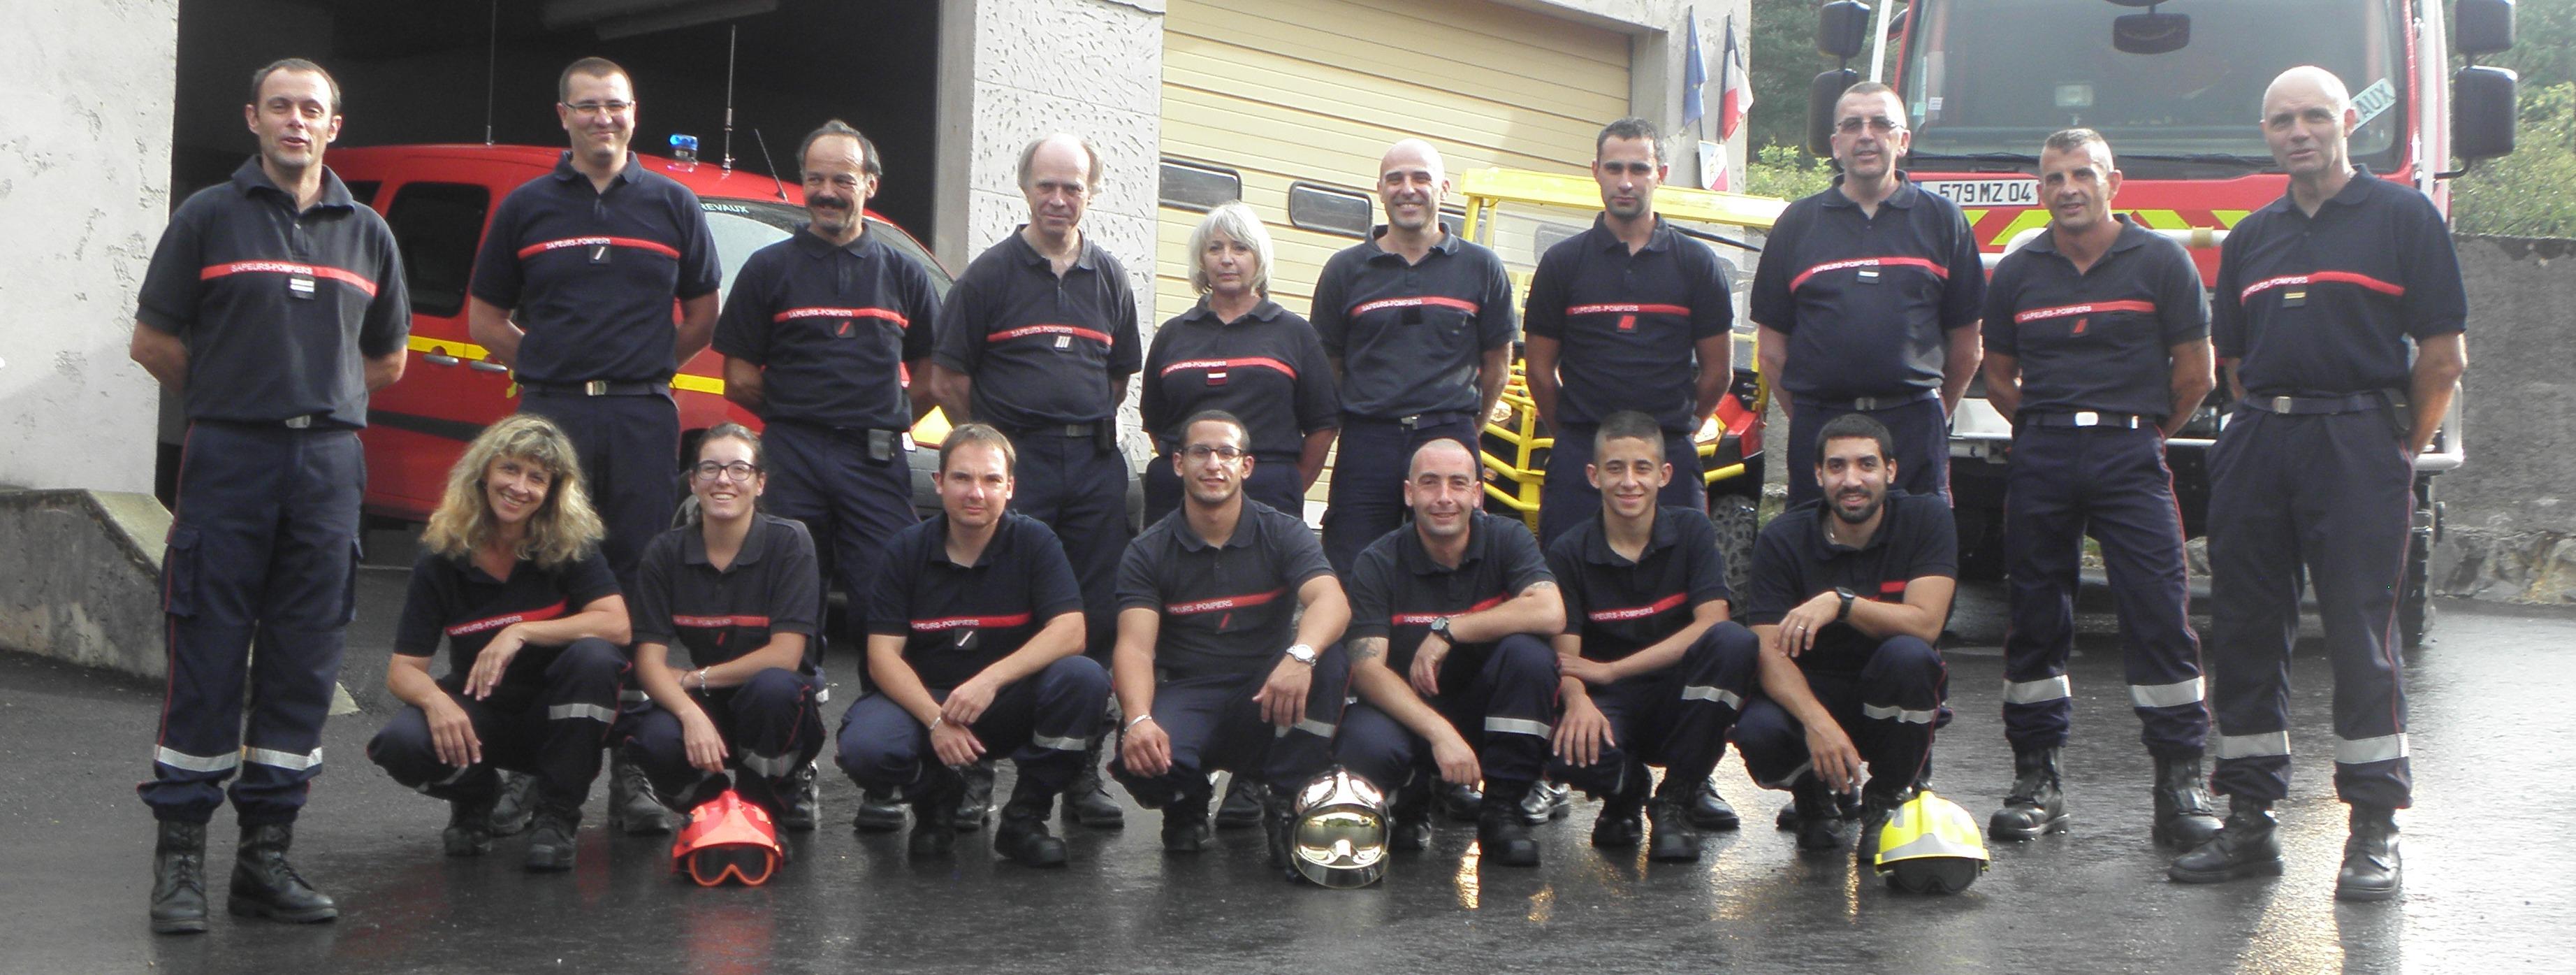 Centre d incendie et de secours d 39 entrevaux sdis04 - Grille indiciaire adjudant sapeur pompier professionnel ...